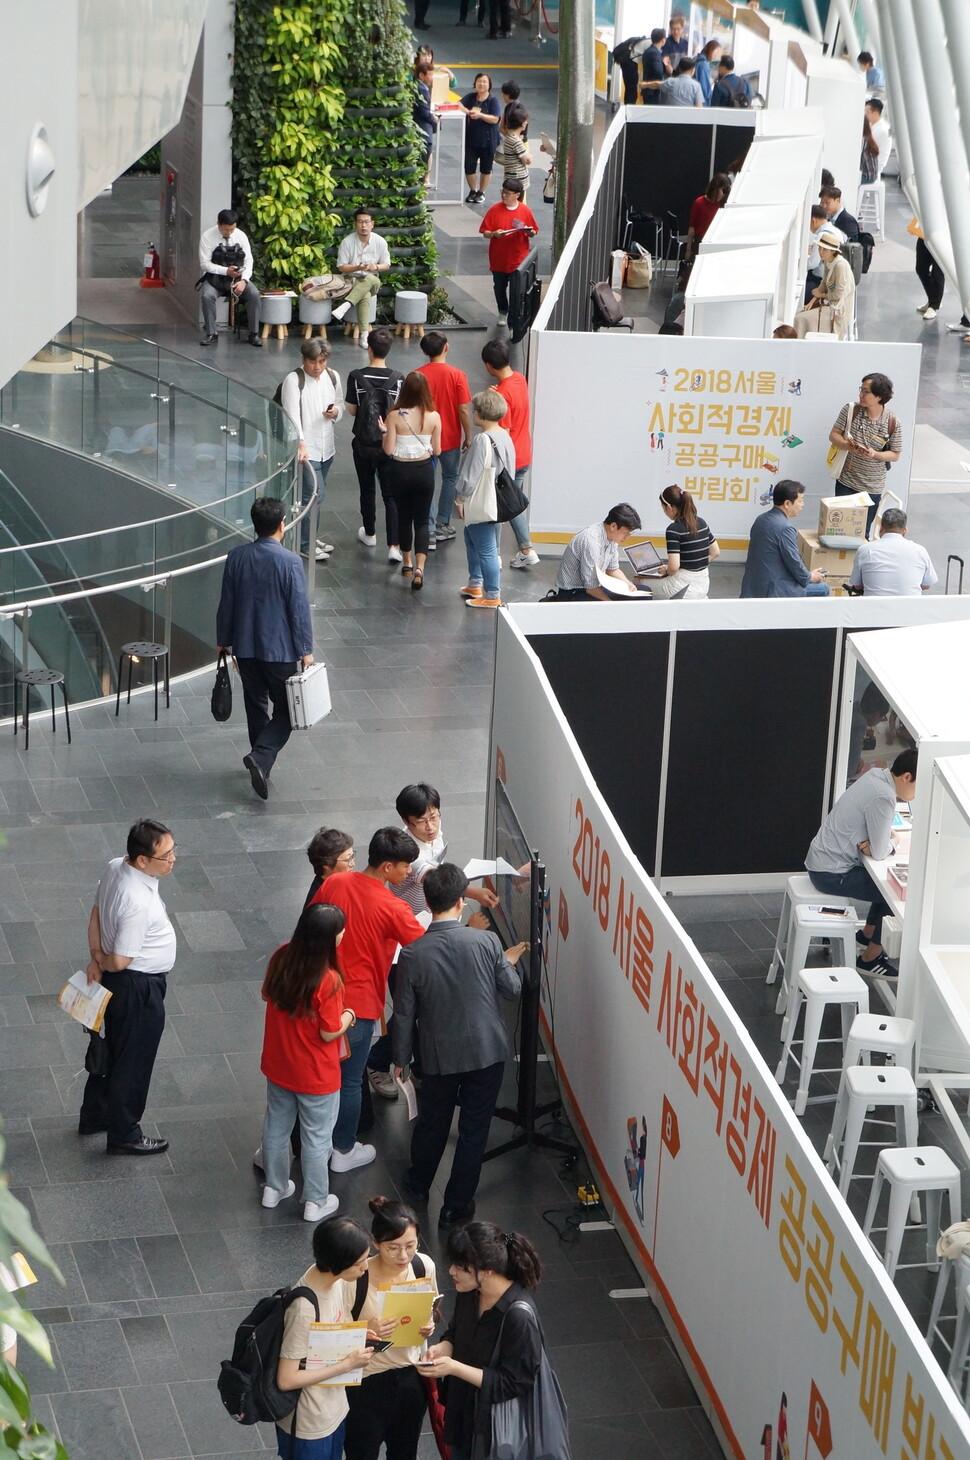 2018년 7월 서울시청에서 열린 '사회적 경제 공공구매 박람회'에서 참가자들이 상담을 기다리고 있다. 서울시는 2014년부터 '사회적 경제 공공구매 영업지원단'을 꾸려 사 회적 경제 기업의 공공조달 시장 진입을 지원하고 있다. 서울시사회적경제지원센터 제공